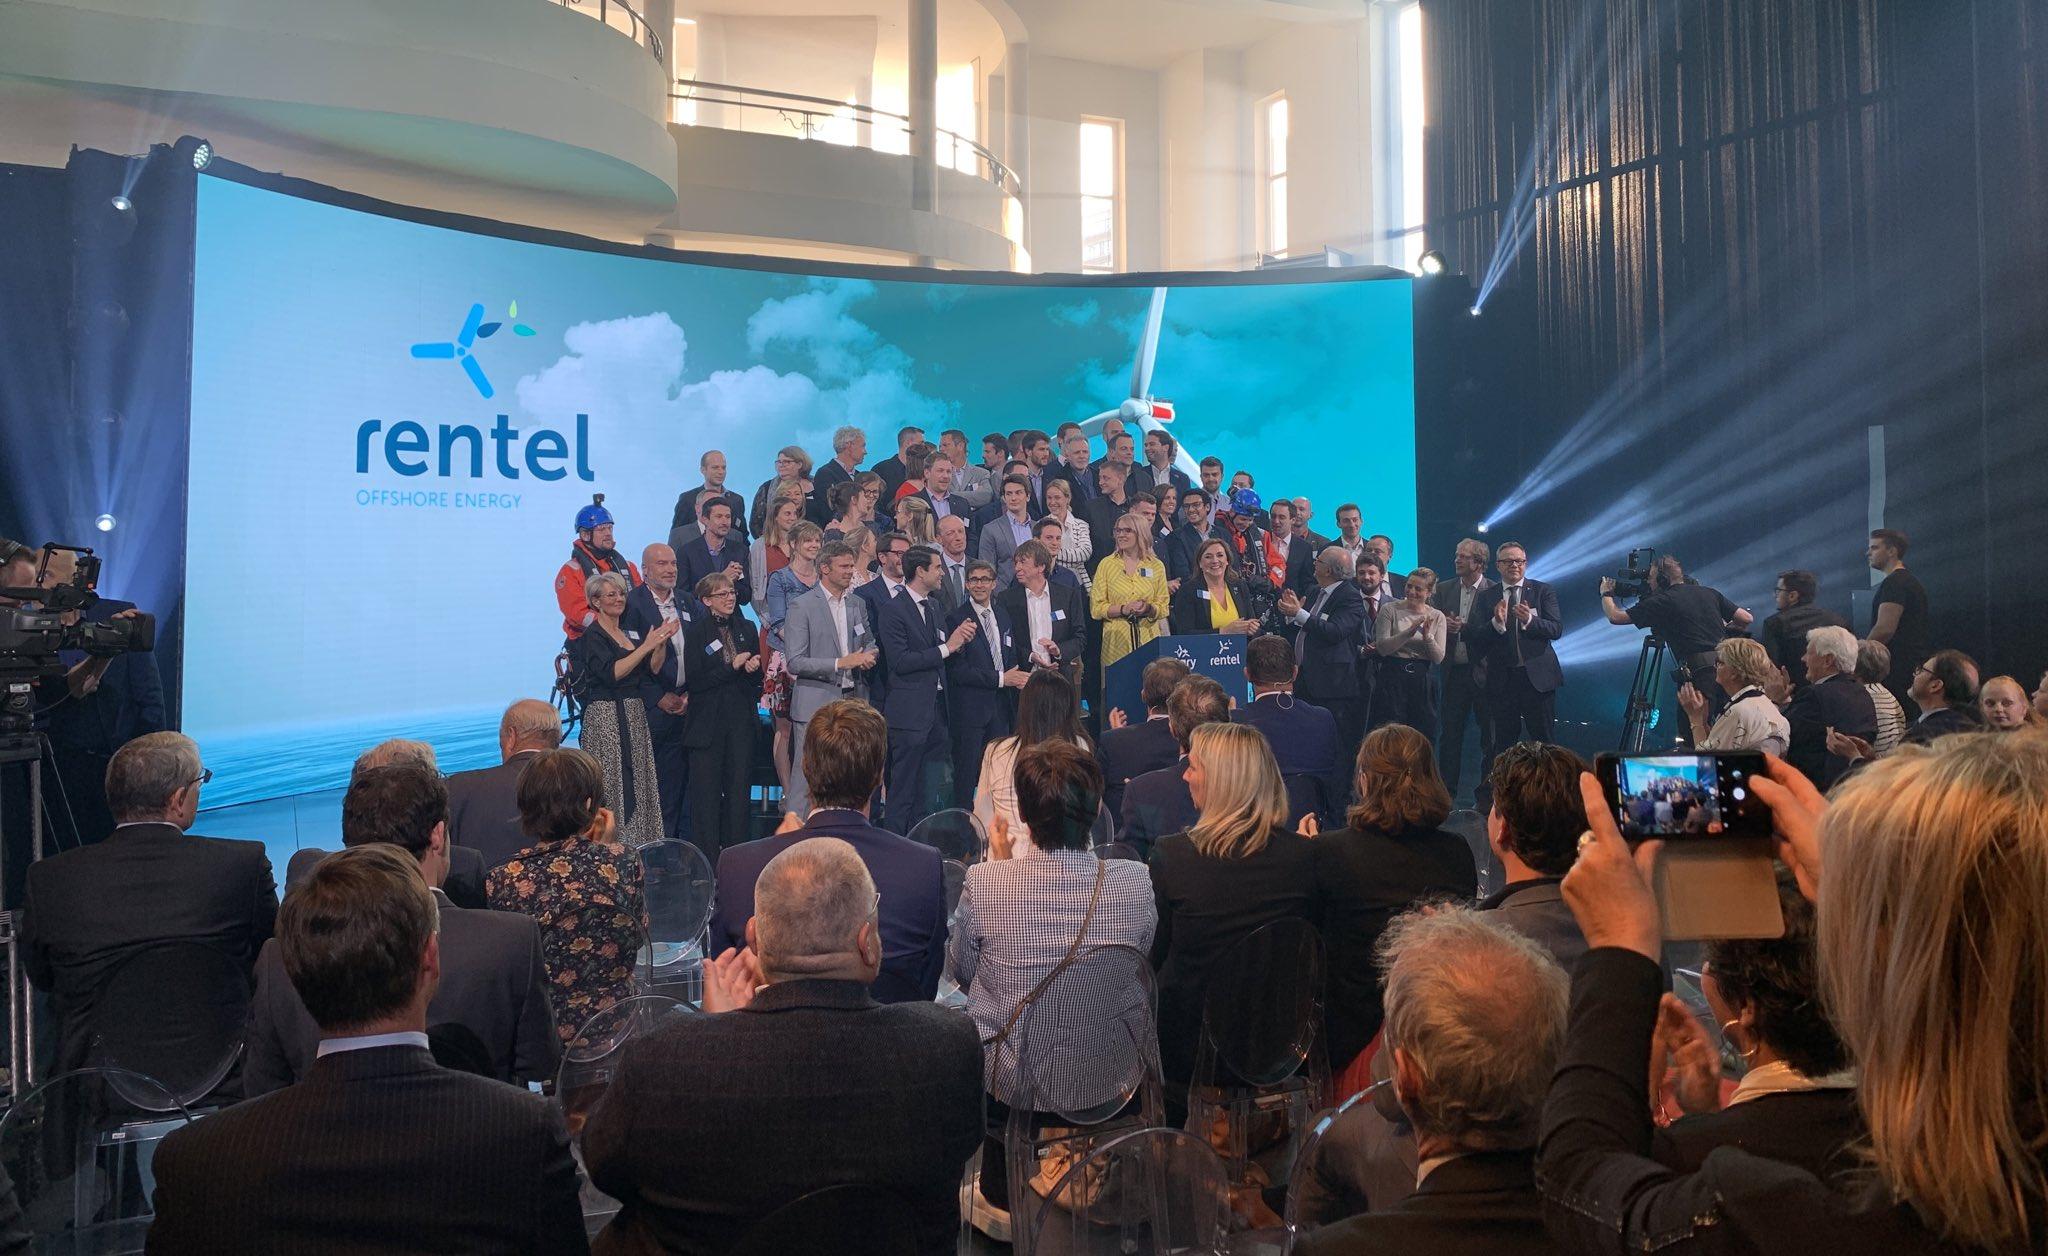 Belgie: Offshore windpark Rentel officieel geopend